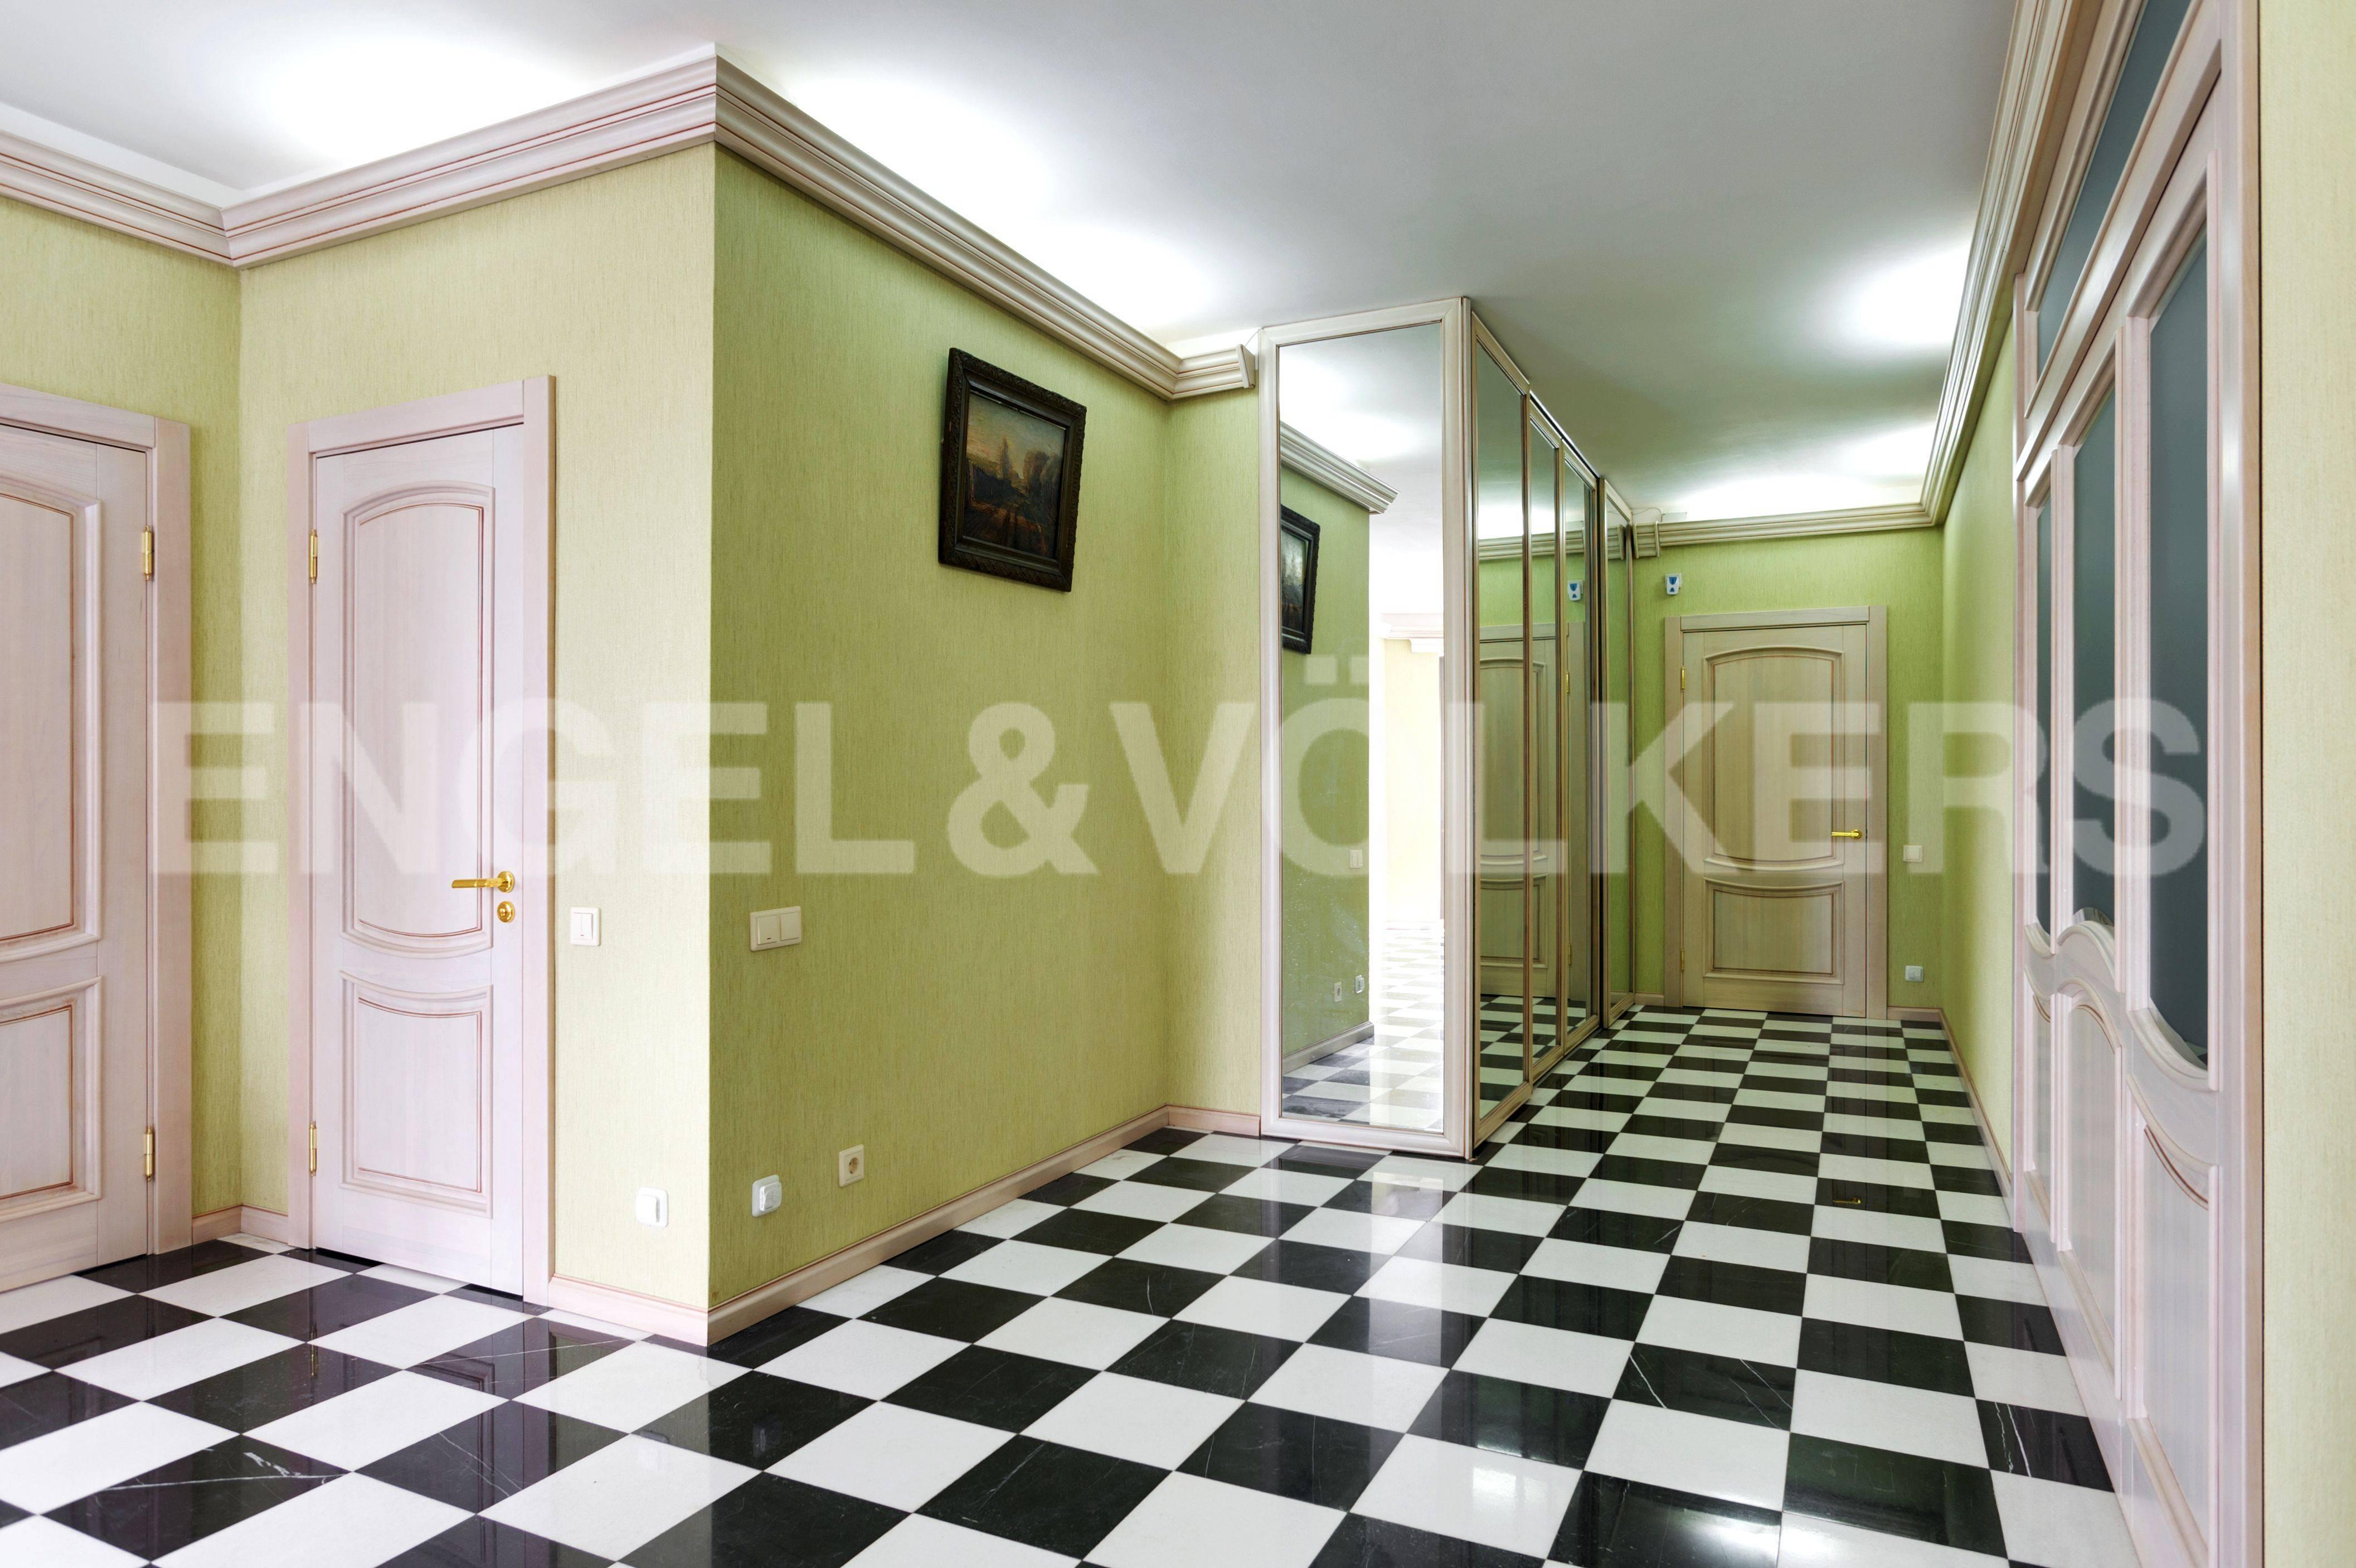 Элитные квартиры в Центральном районе. Санкт-Петербург, Большой Сампсониевский пр. 4-6. Холл прихожая со встроенными шкафами